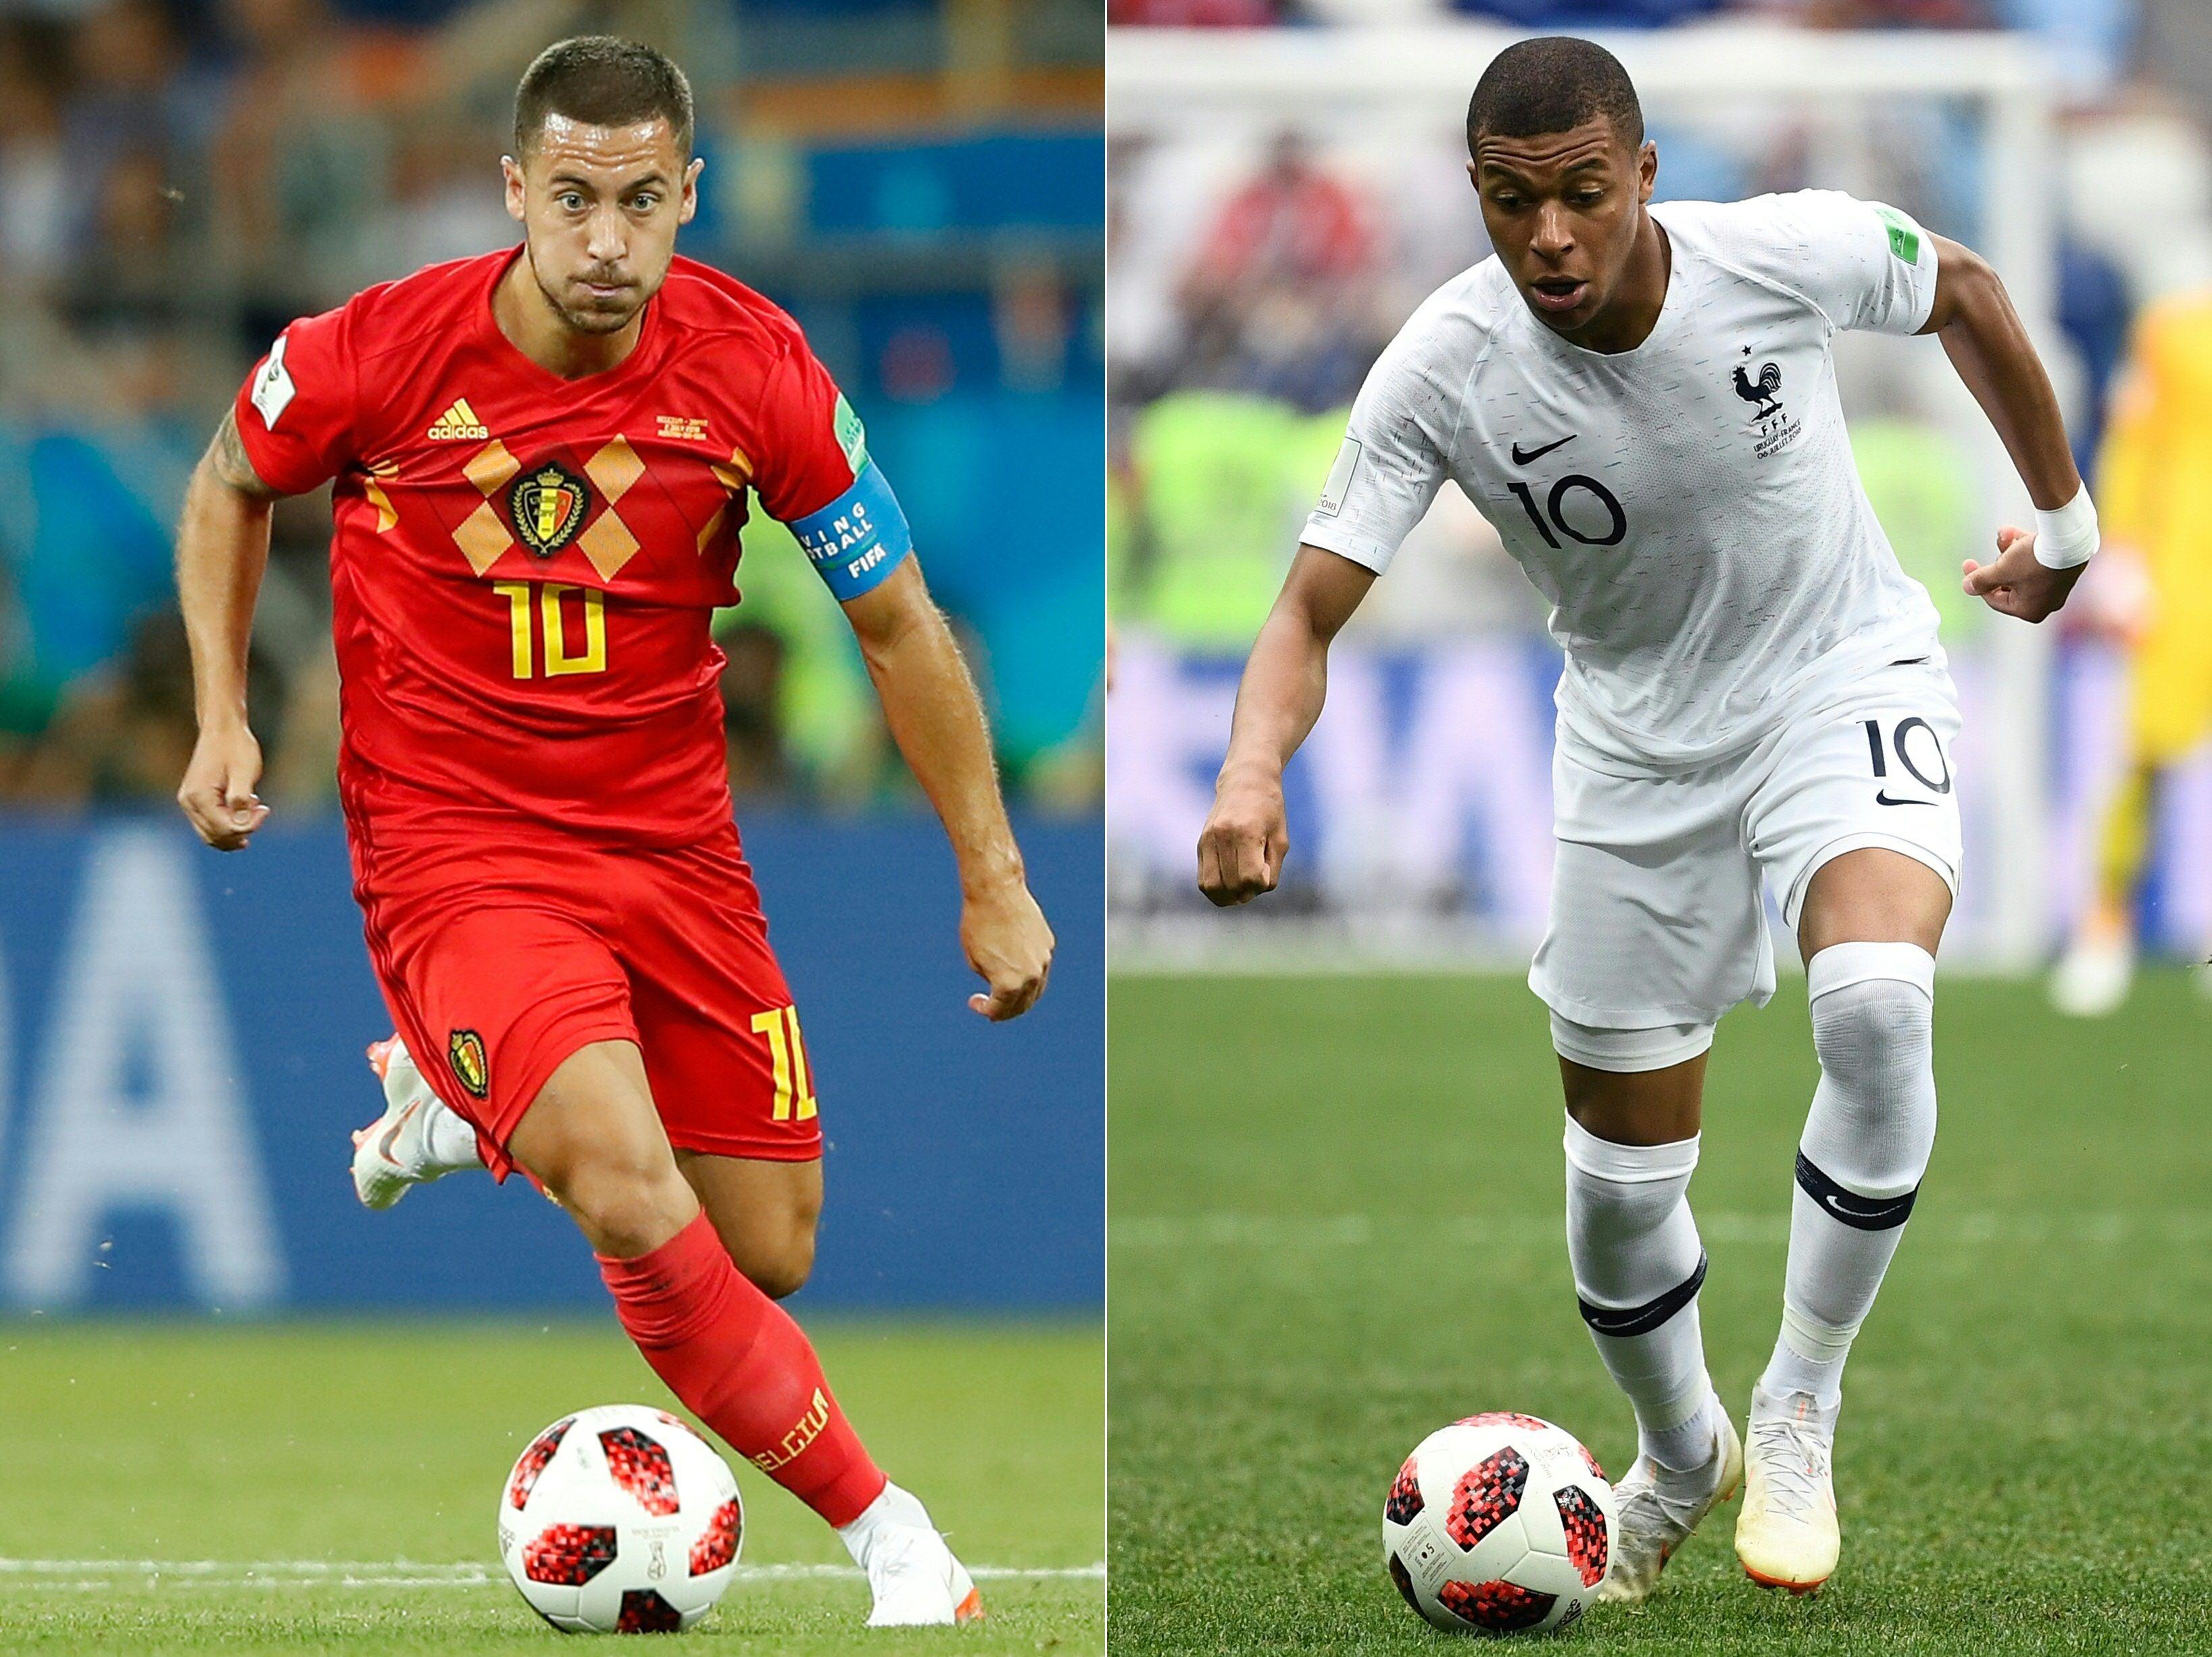 Francia y Bélgica, entre la historia y la leyenda, van por la final en Rusia